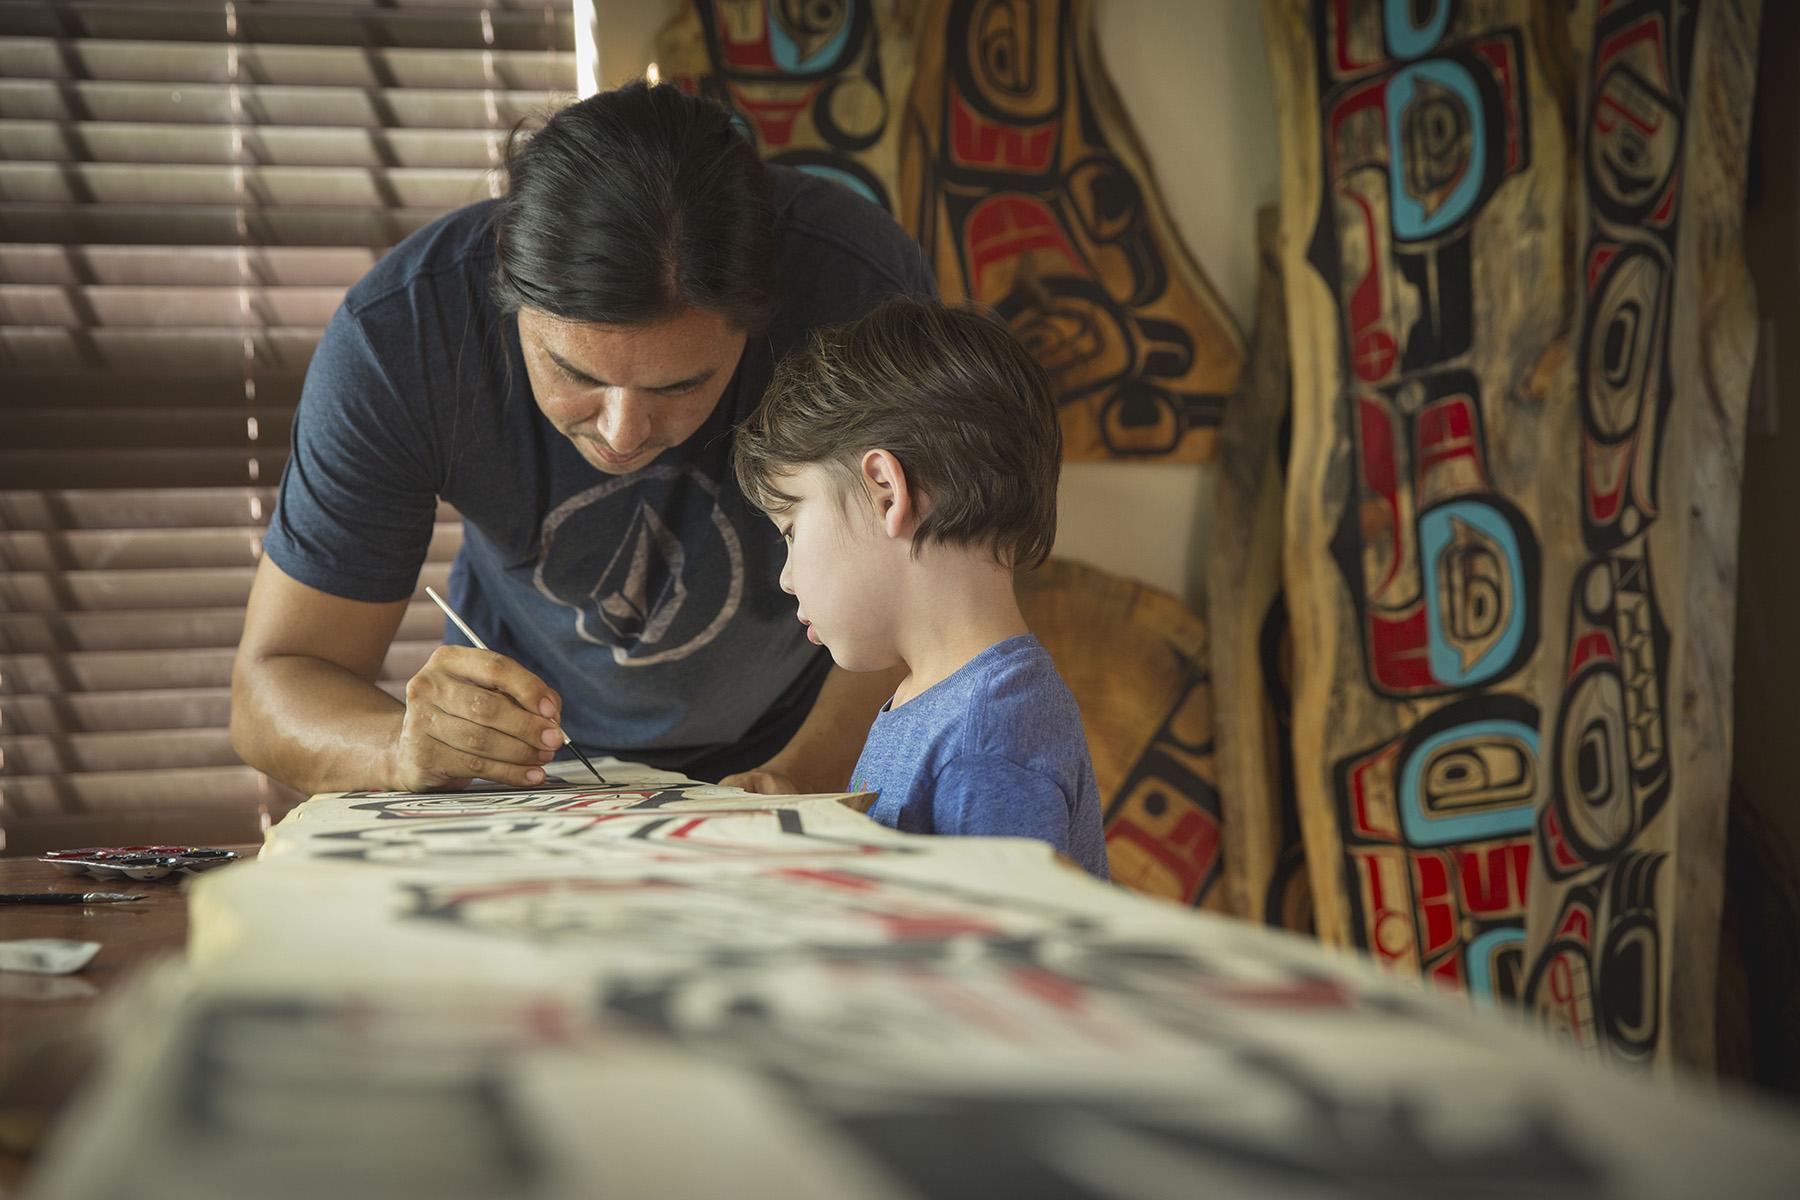 James and his son Elias / photo: Ian Tetzner